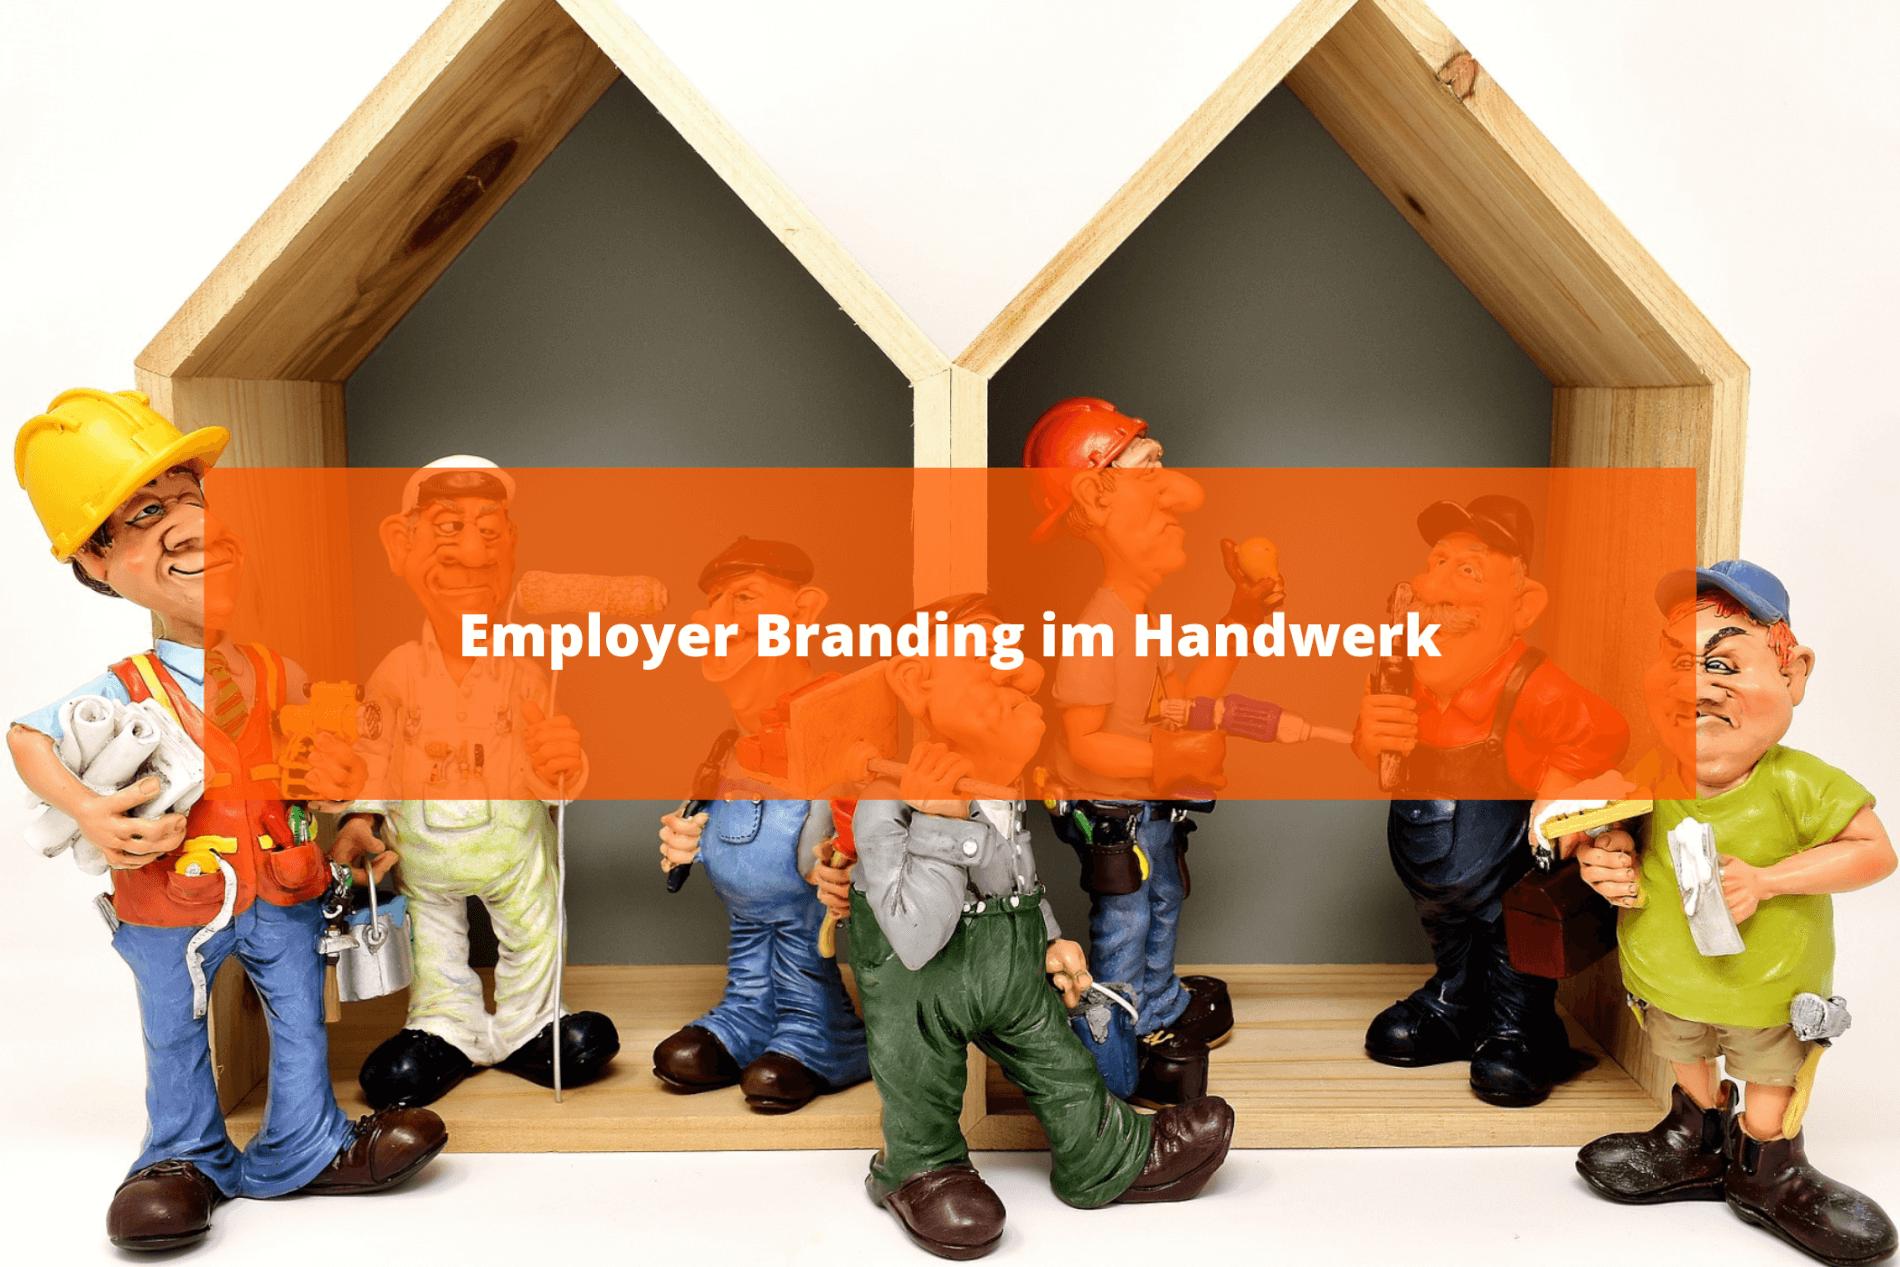 Brauchen wir überhaupt ein Employer Branding im Handwerk?